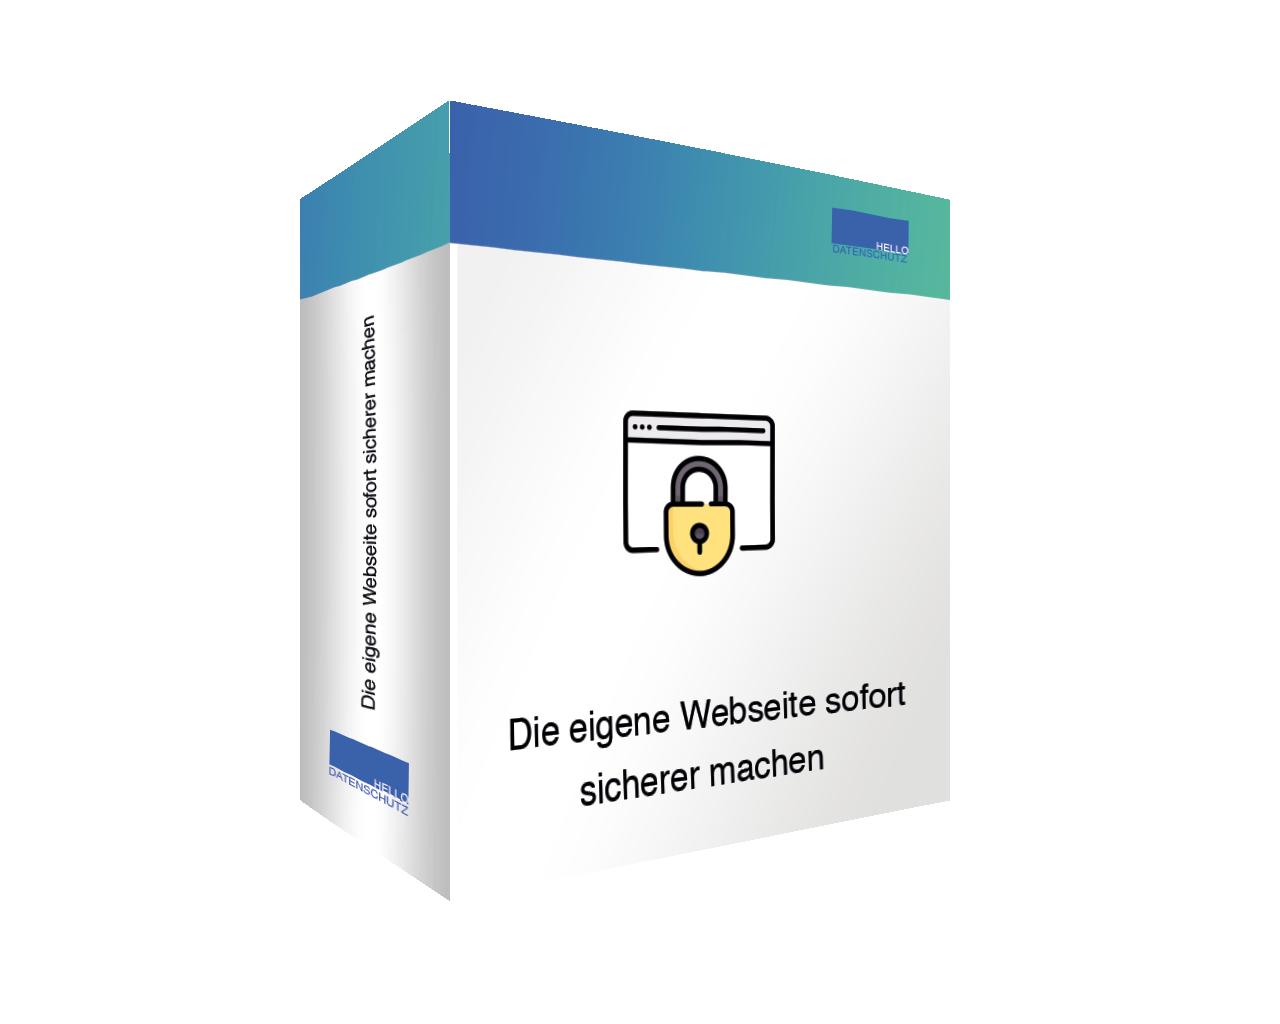 webseite-sicher-karton